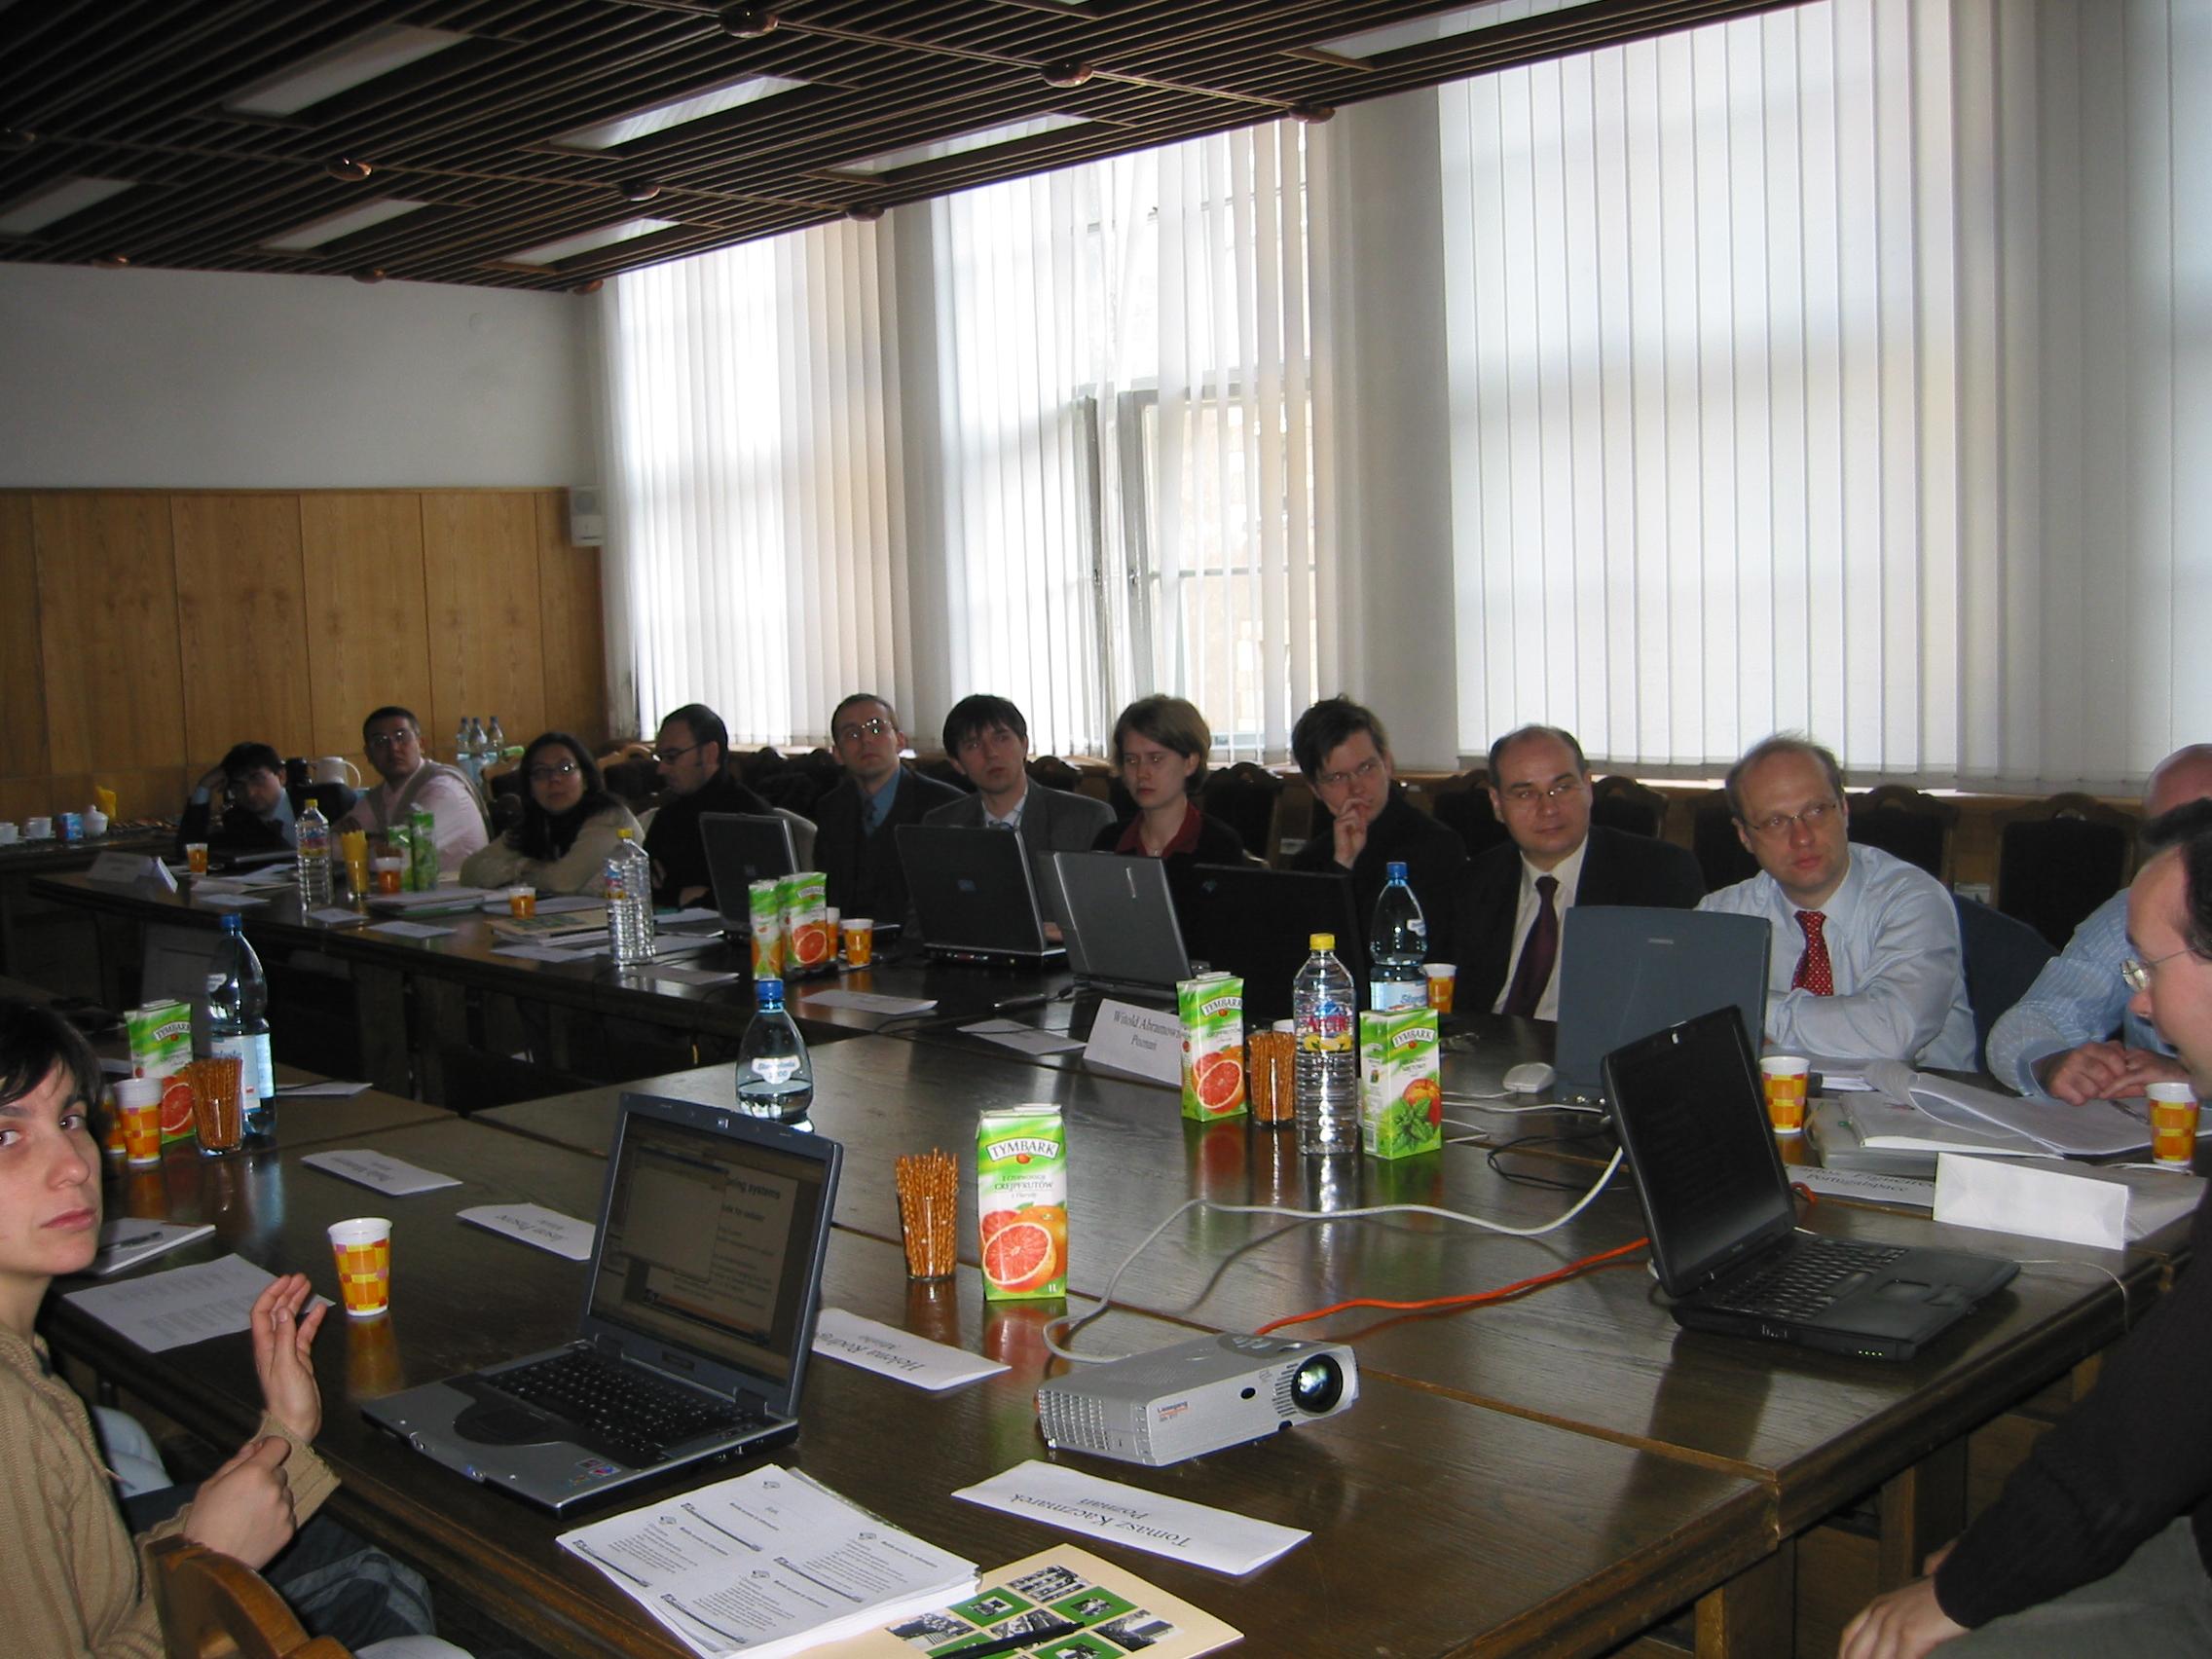 Spotkanie partnerów projektu europejskiego UseMeGov w Akademii Ekonomicznej w Poznaniu - 2004 r.